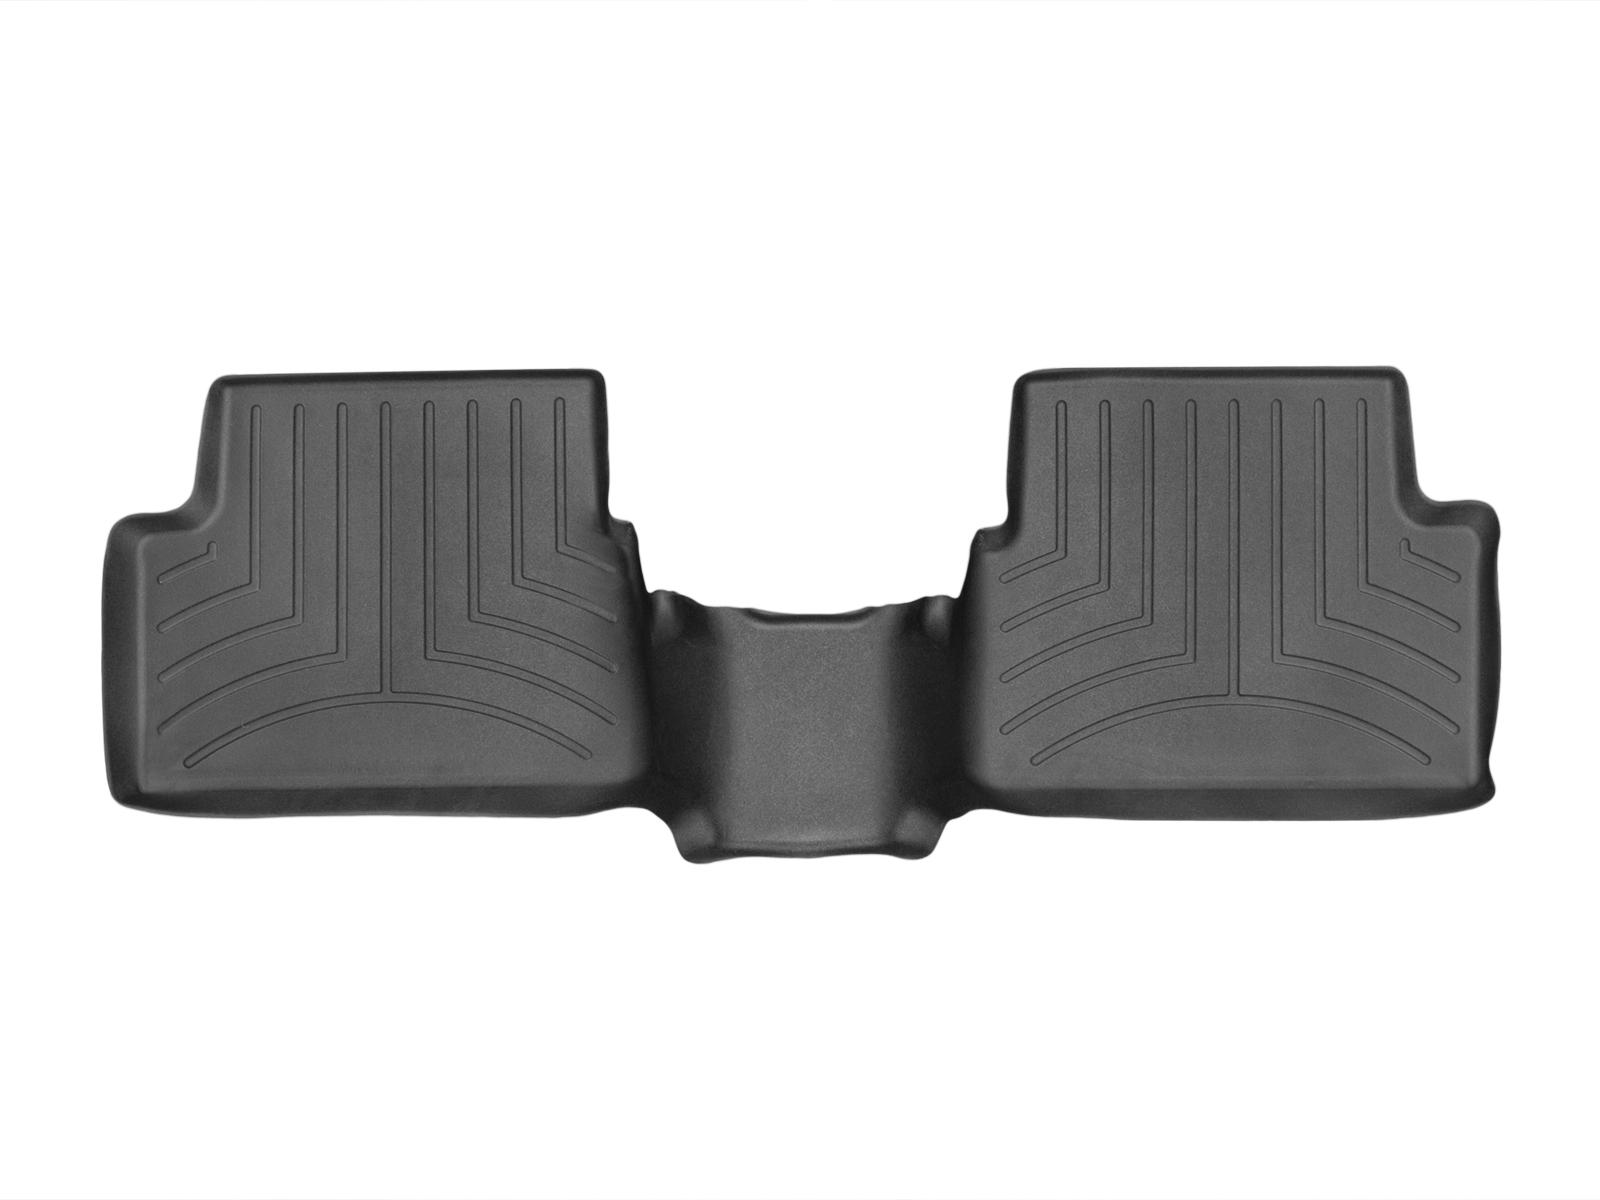 Tappeti gomma su misura bordo alto Opel Astra 09>09 Nero A2965